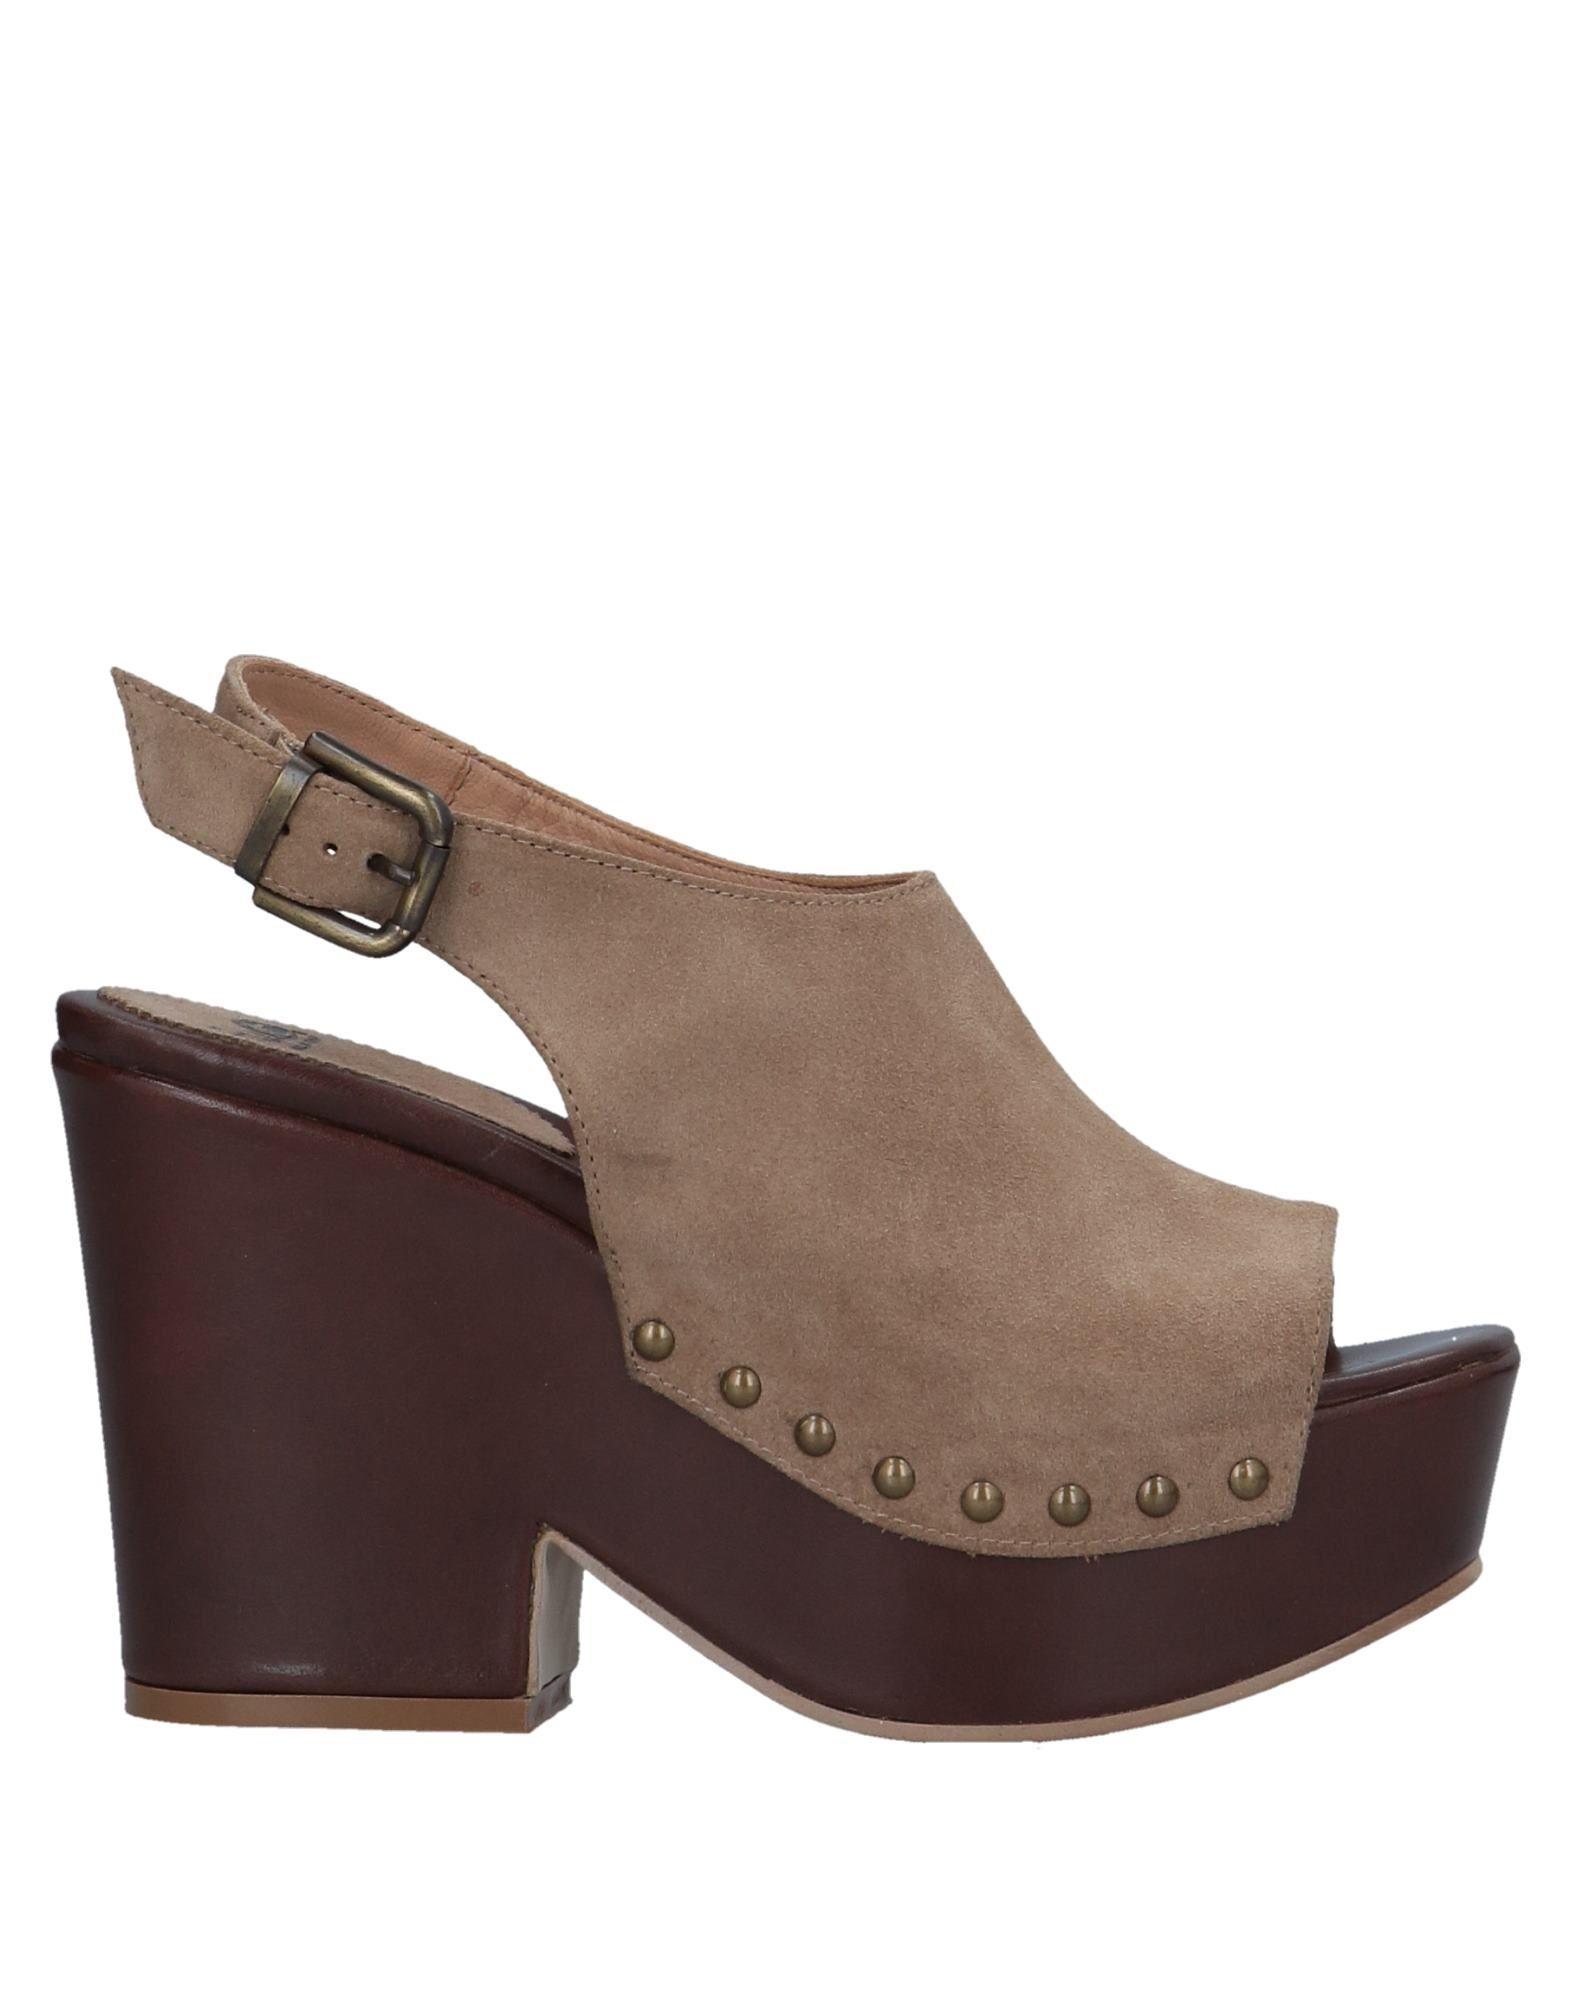 Fru.It Sandalen Damen  11536644AH Gute Qualität beliebte Schuhe Schuhe Schuhe 54e59b